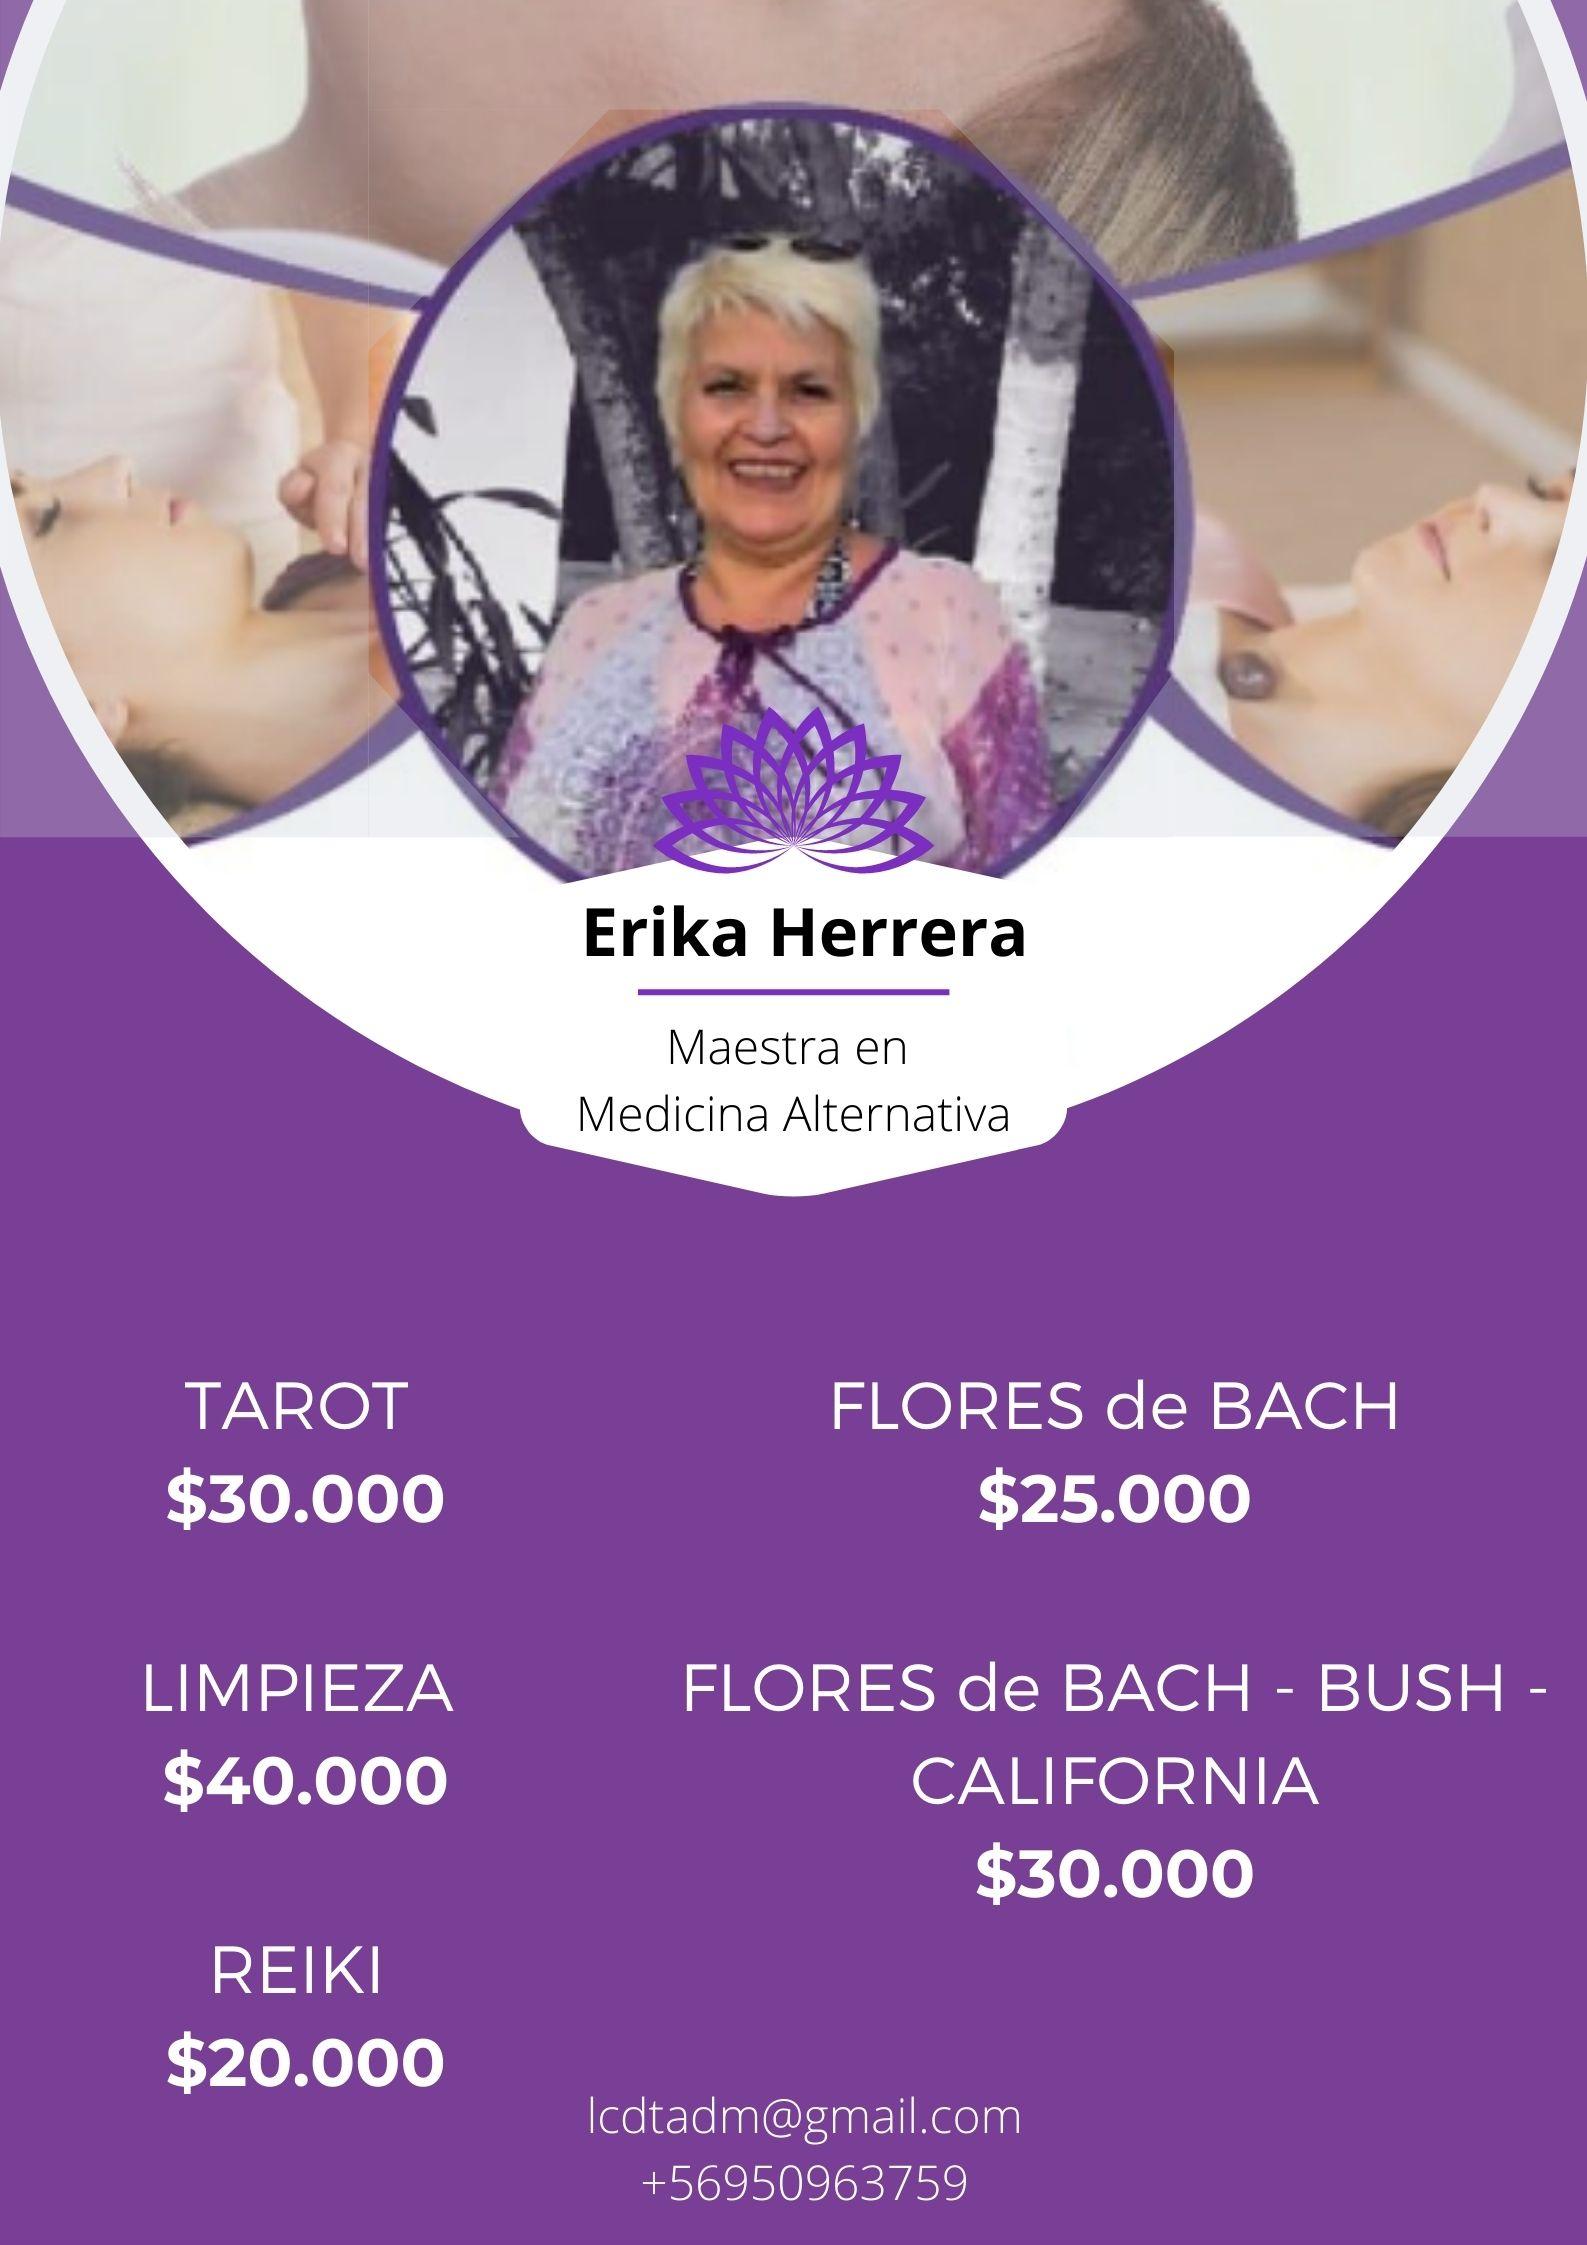 Atención con Erika Herrera